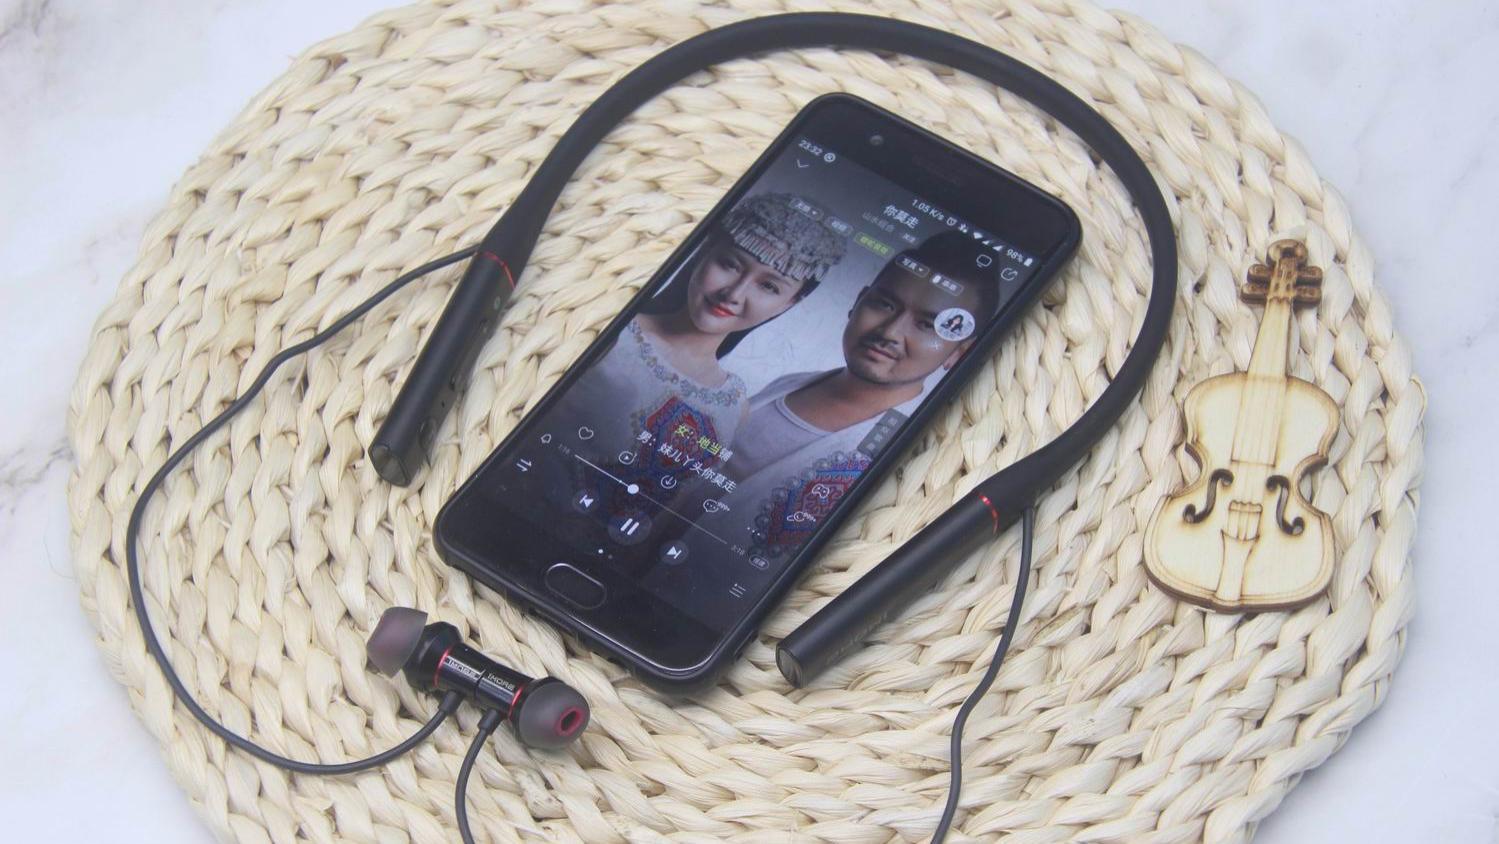 声音自然醇厚,轻奢退烧佳选:1MORE高清降噪圈铁蓝牙耳机PRO版评测